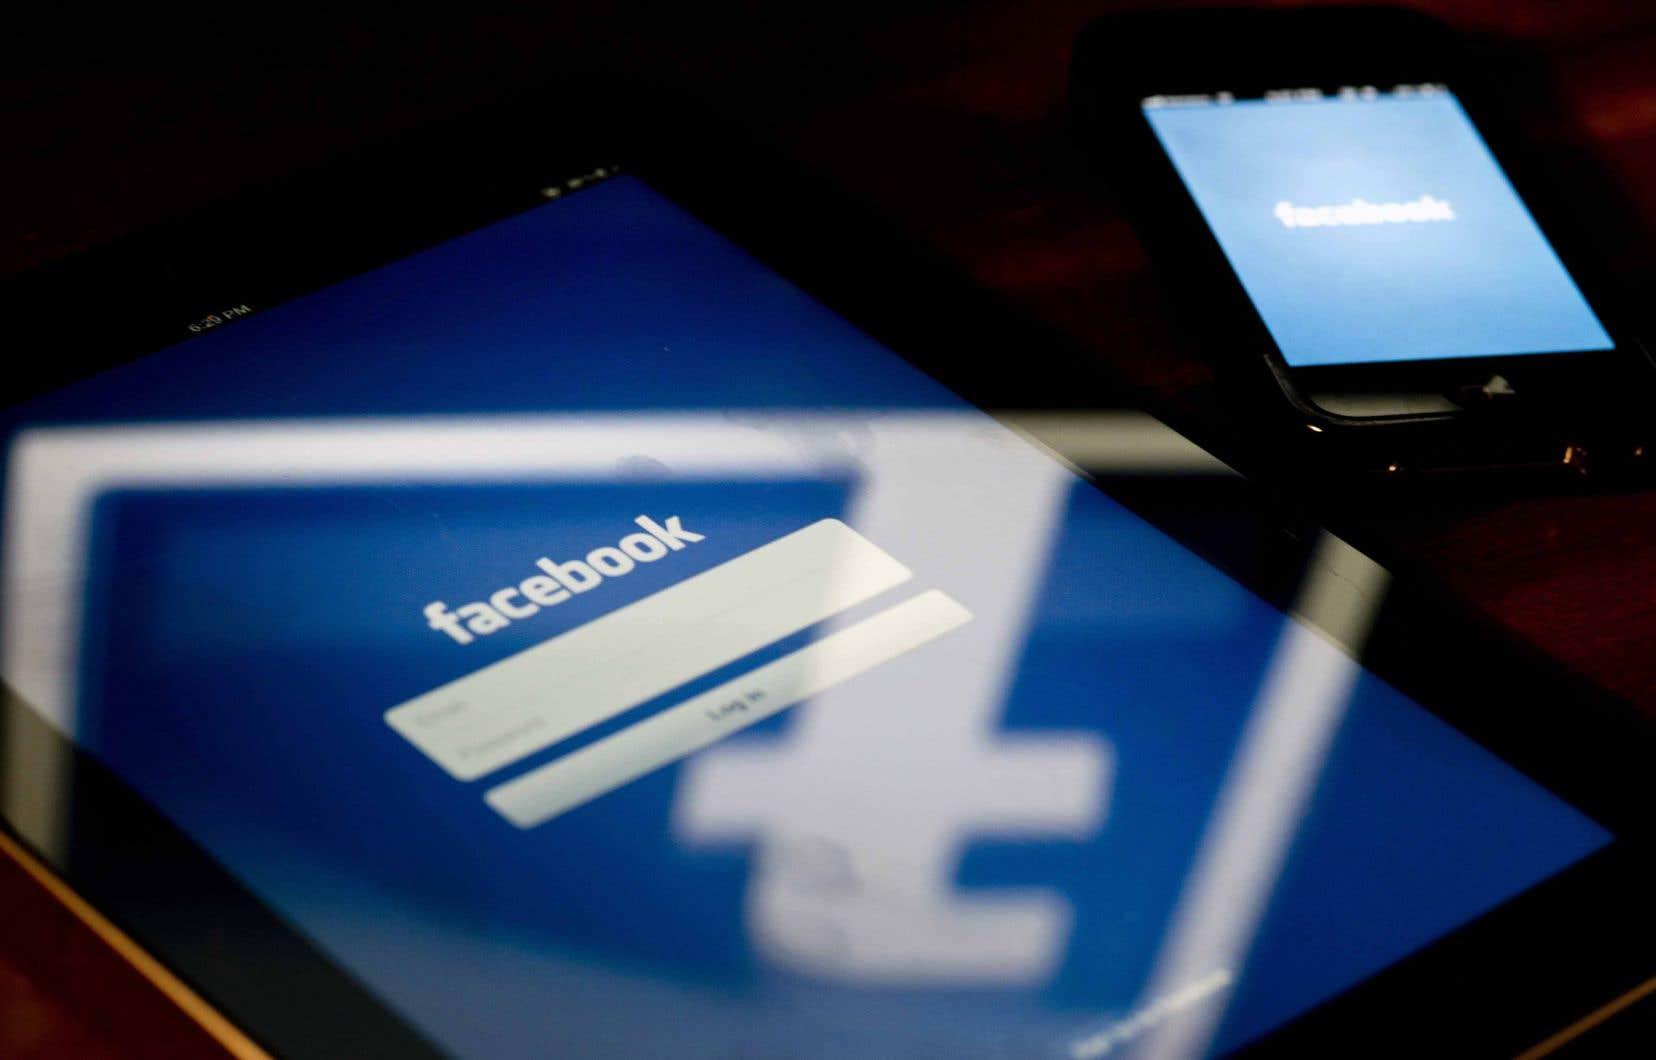 Les proches d'un défunt peuvent être tentés parfois d'aller consulter son compte Facebook.